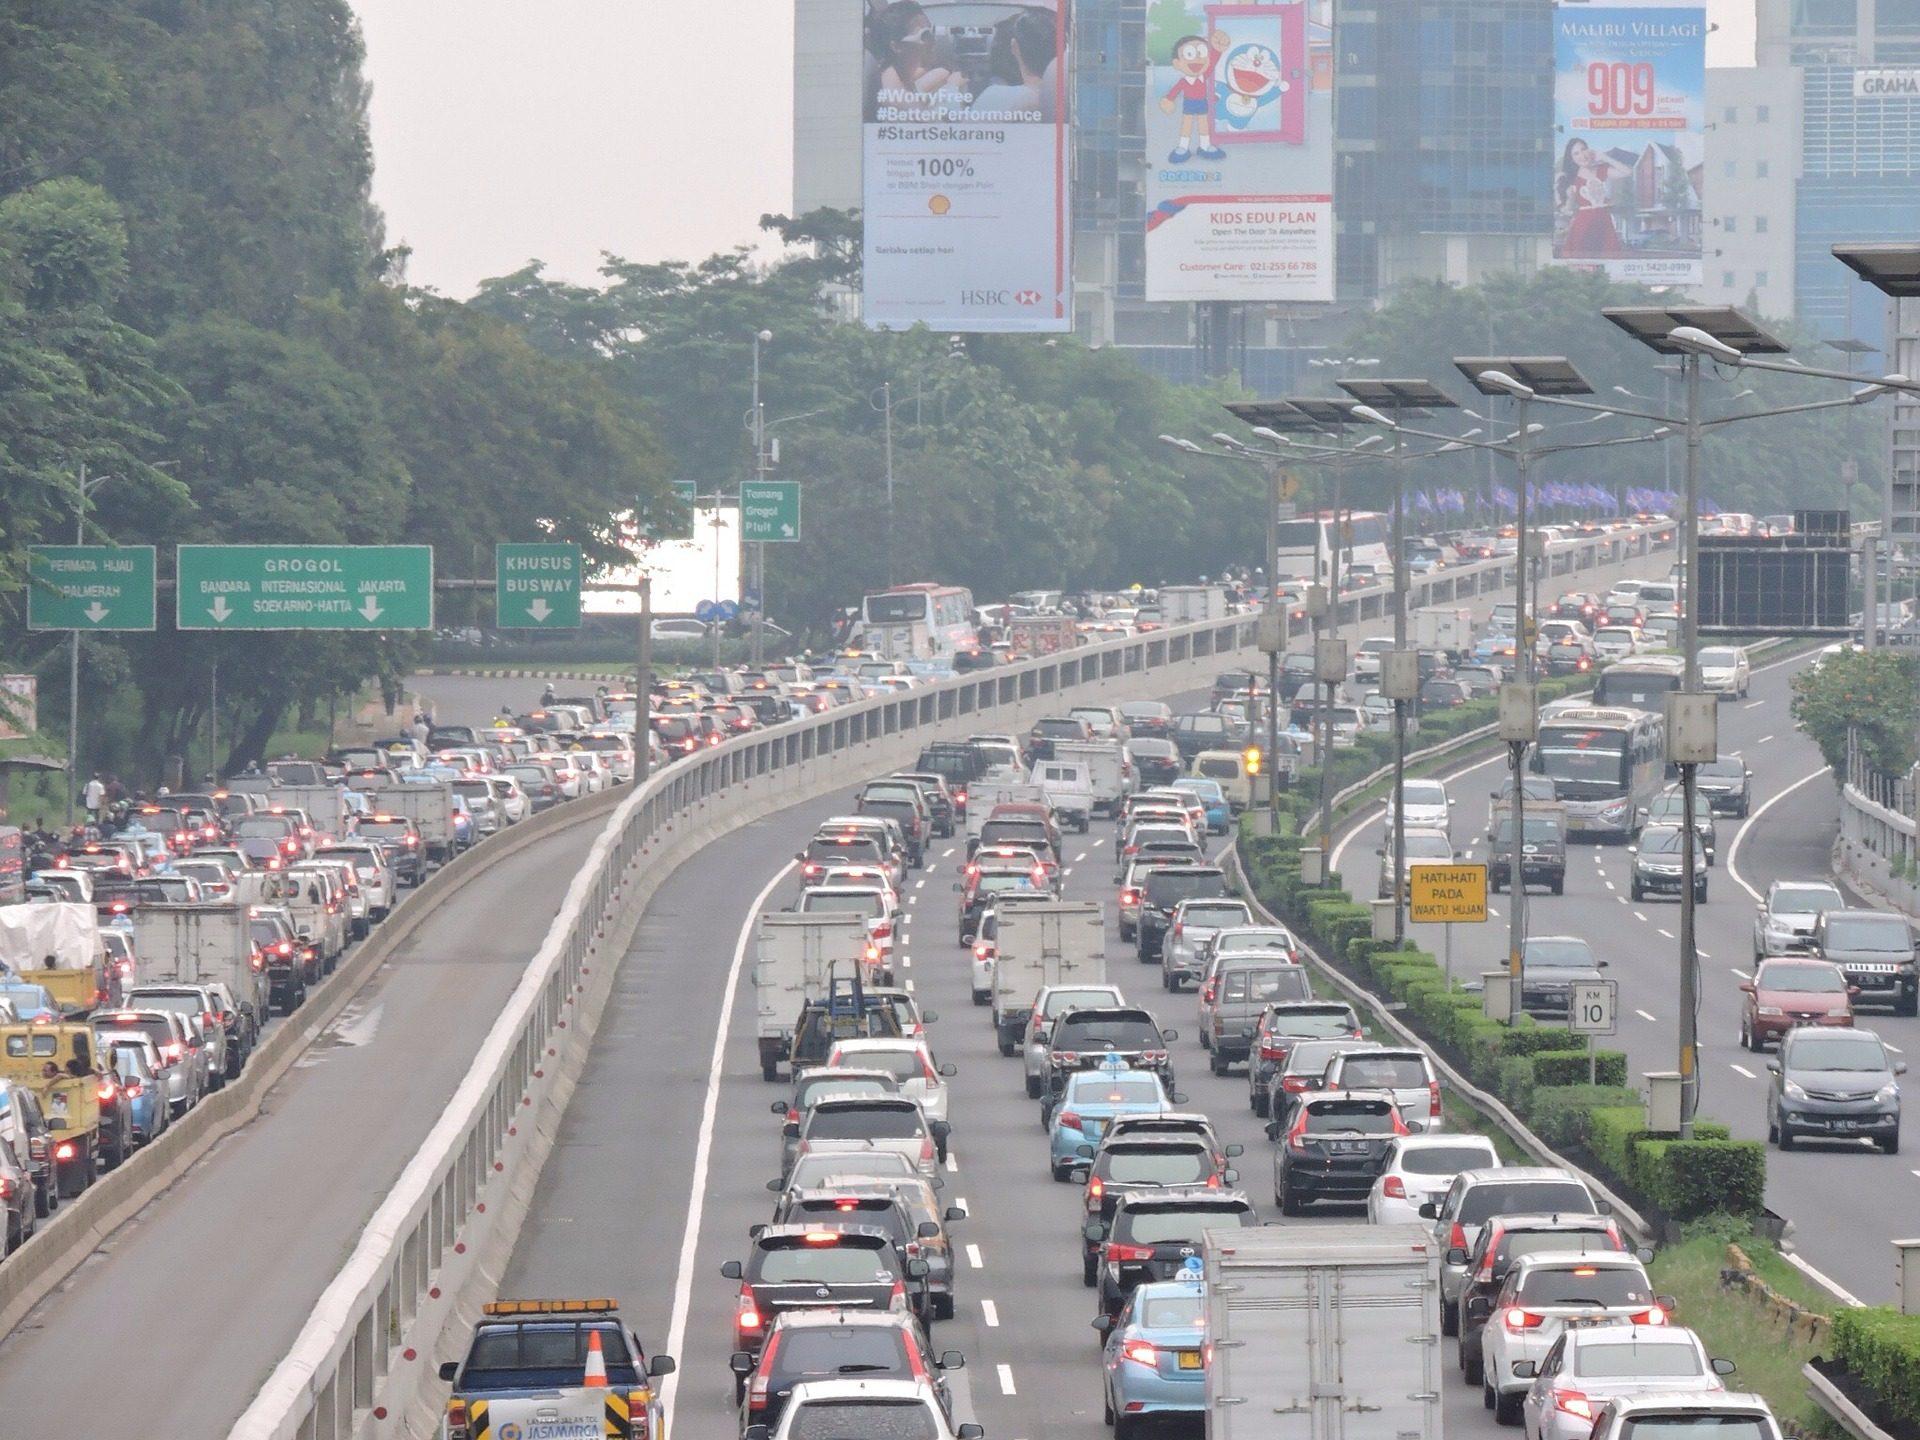 traffico, Marmellata, Code, inquinamento, Città, agglomerazione - Sfondi HD - Professor-falken.com